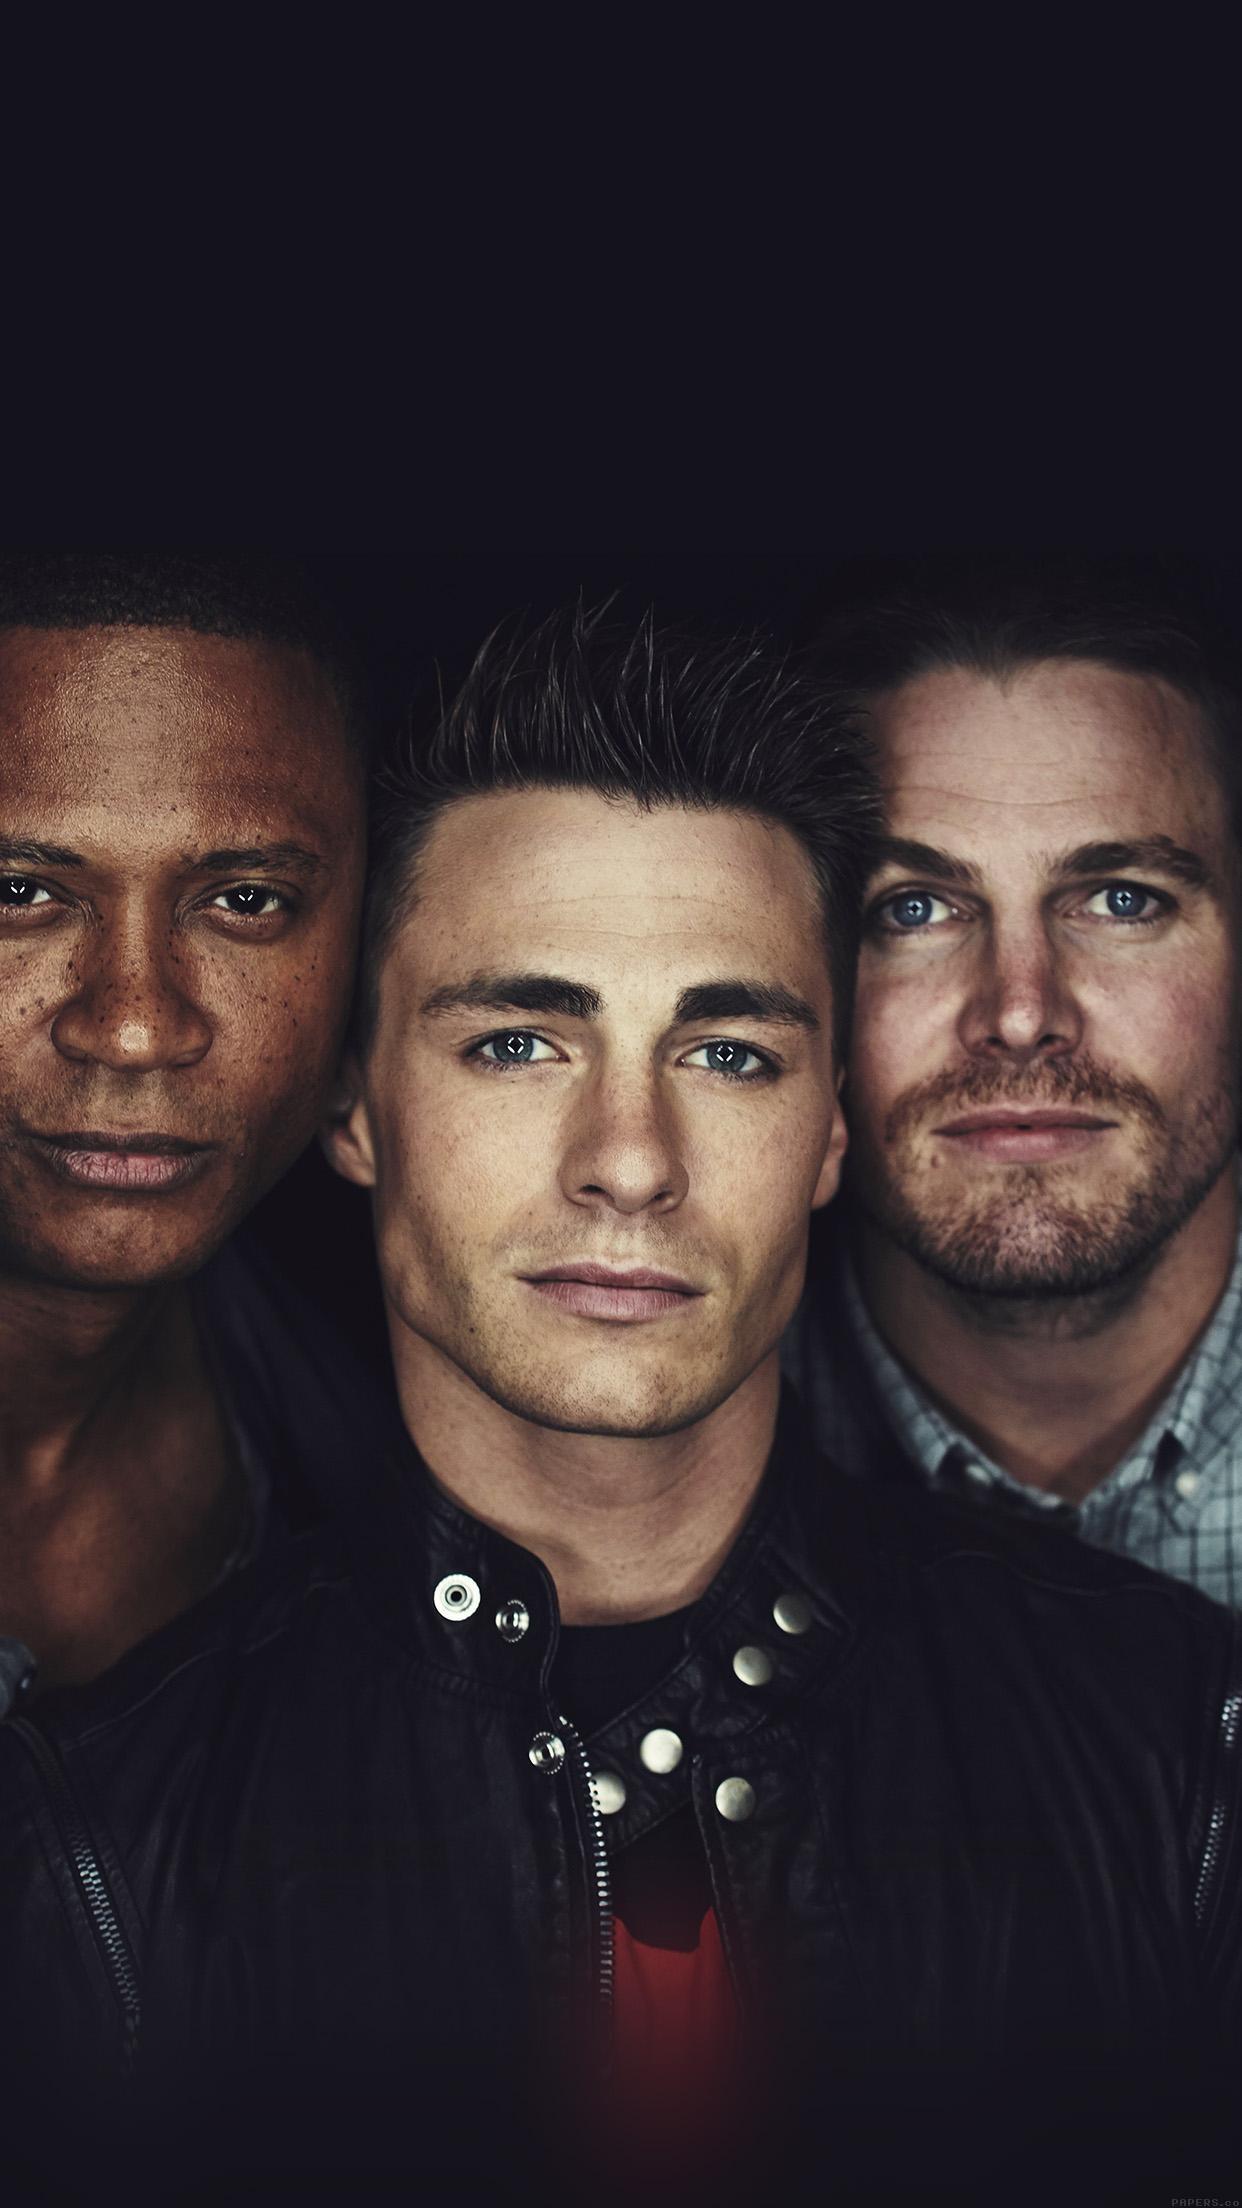 Arrow Crew Tv Series Celebrity Actors